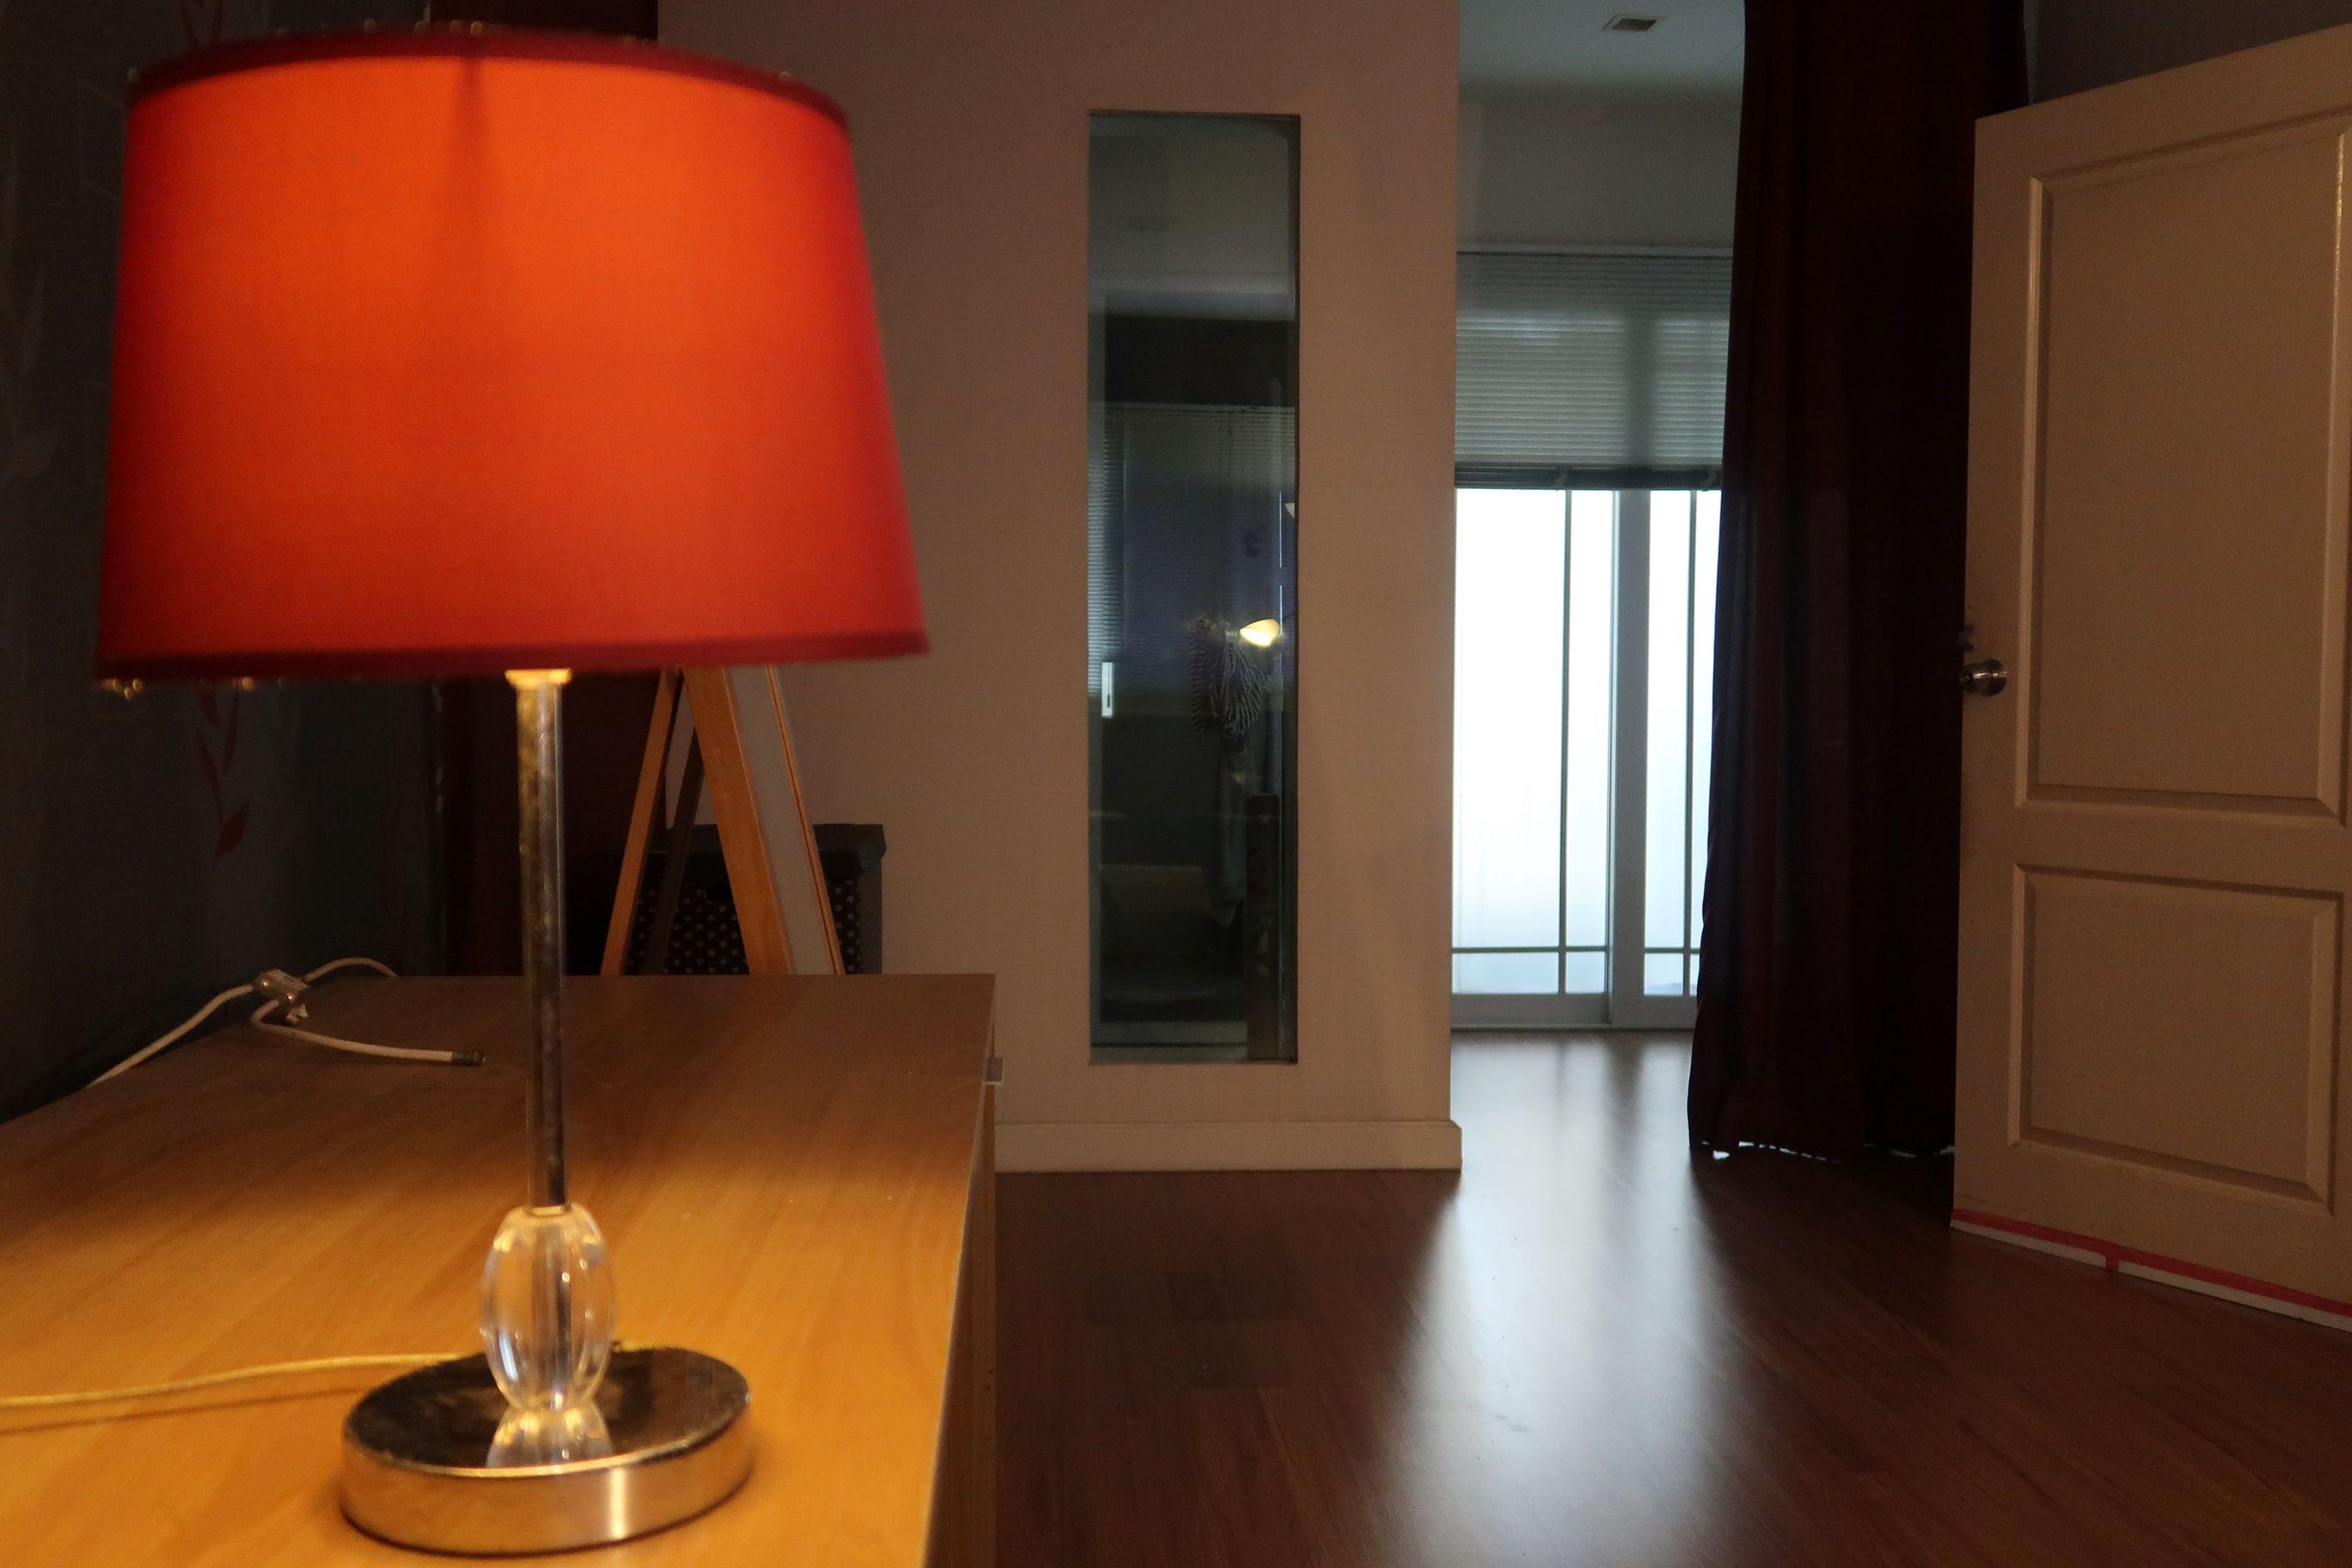 ขาย ทาวน์โฮม/ทาวน์เฮ้าส์  3 ชั้น The Terrace ( เดอะเทอเรส/เดอะเทอเรซ) ลาดพร้าว 71 แลนด์แอนด์เฮาส์